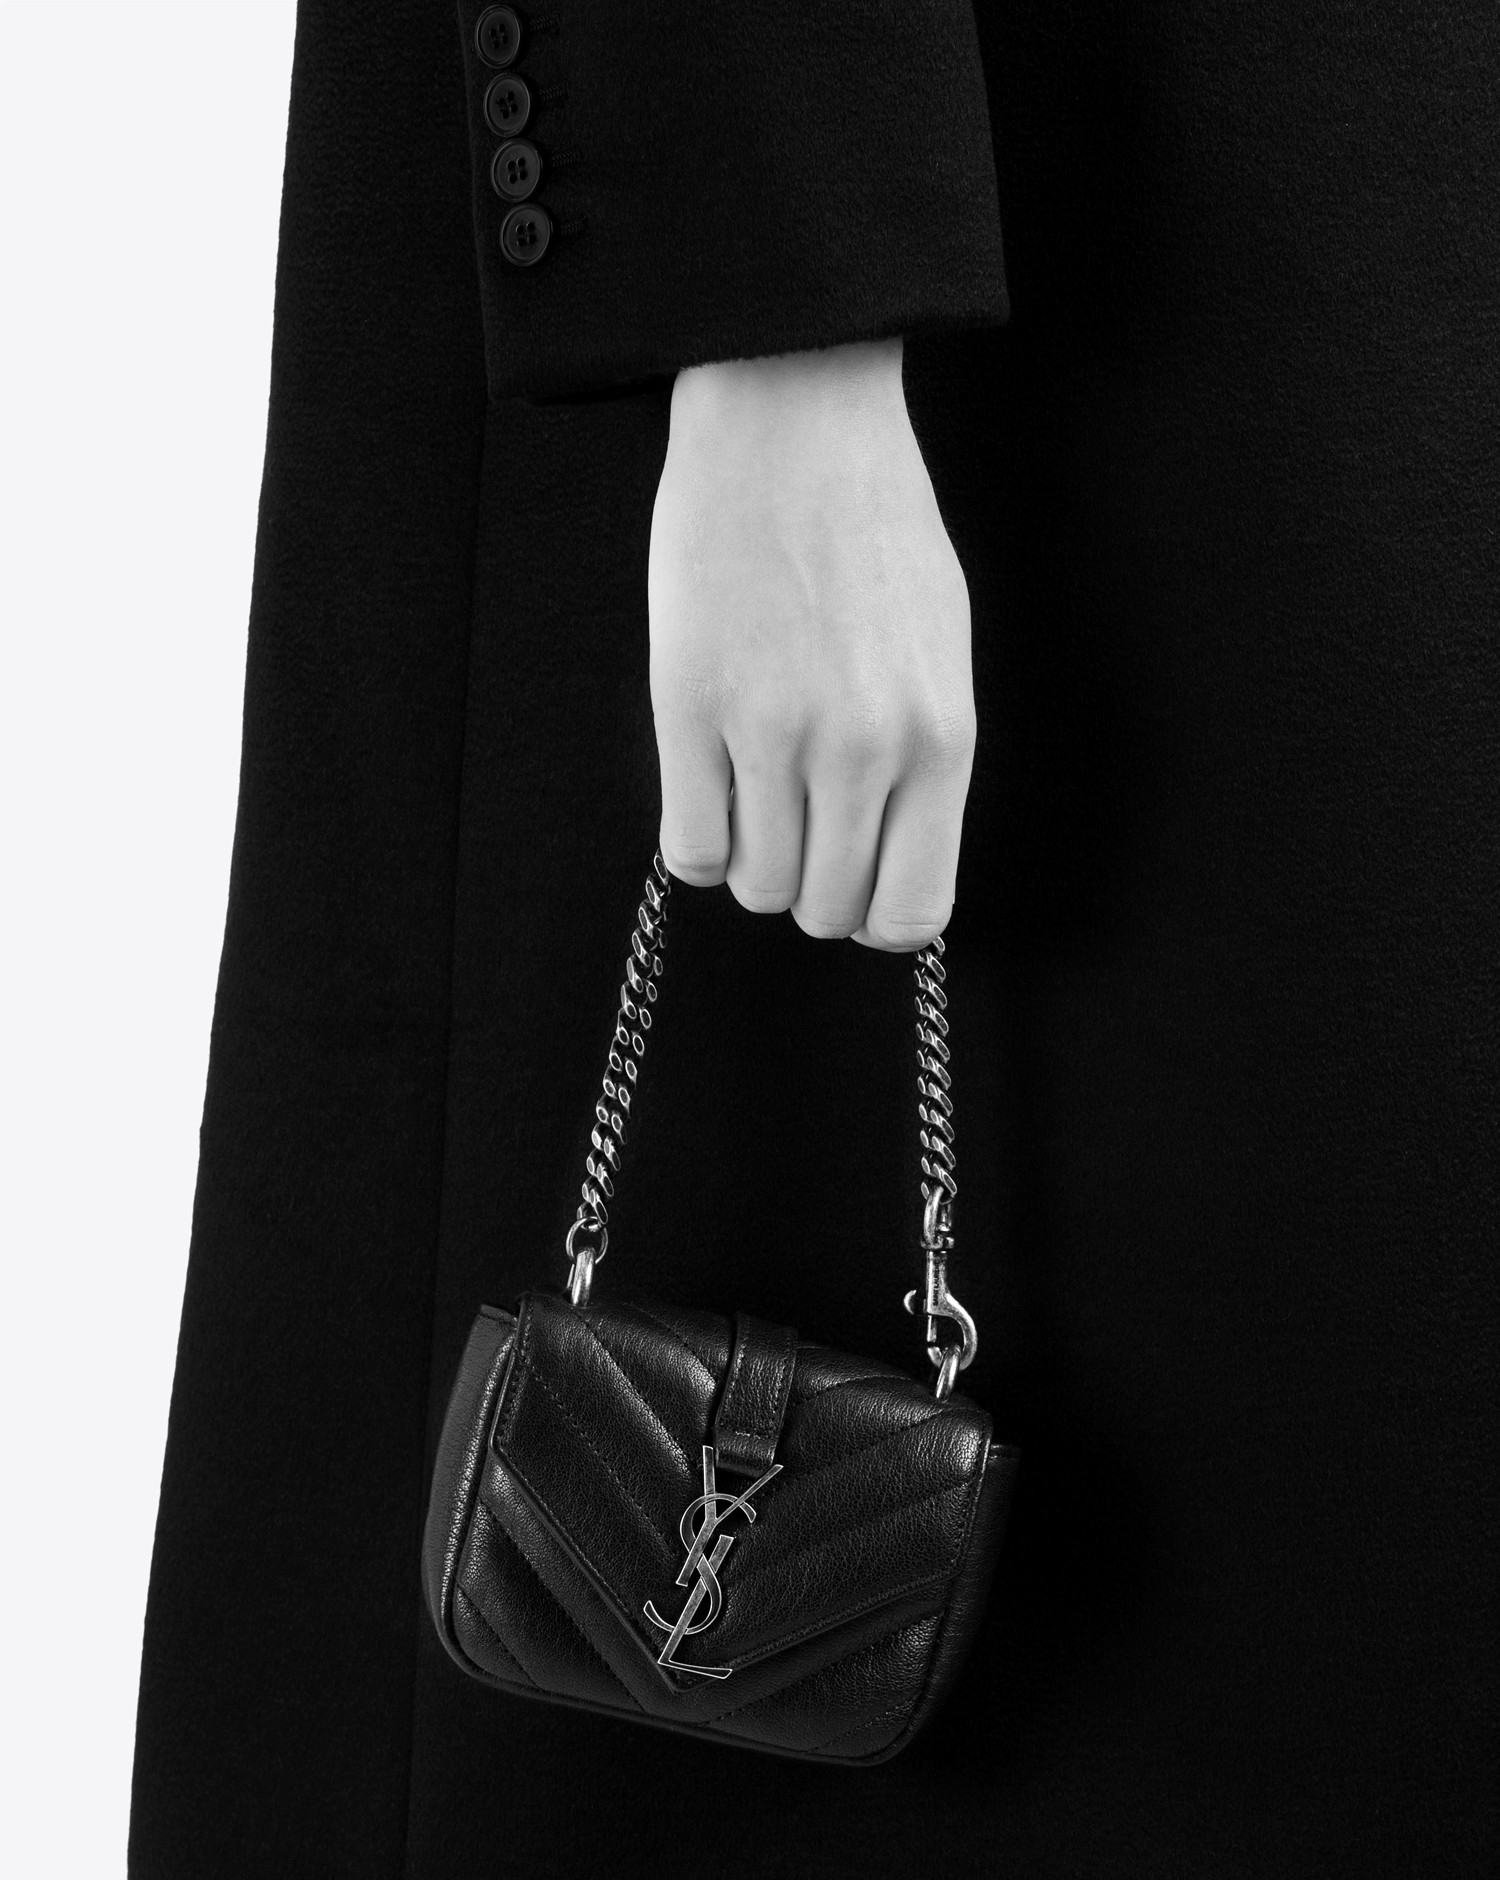 1c7105b2e854 Lyst - Saint Laurent Mini College Bag In Bordeaux Matelassé Leather